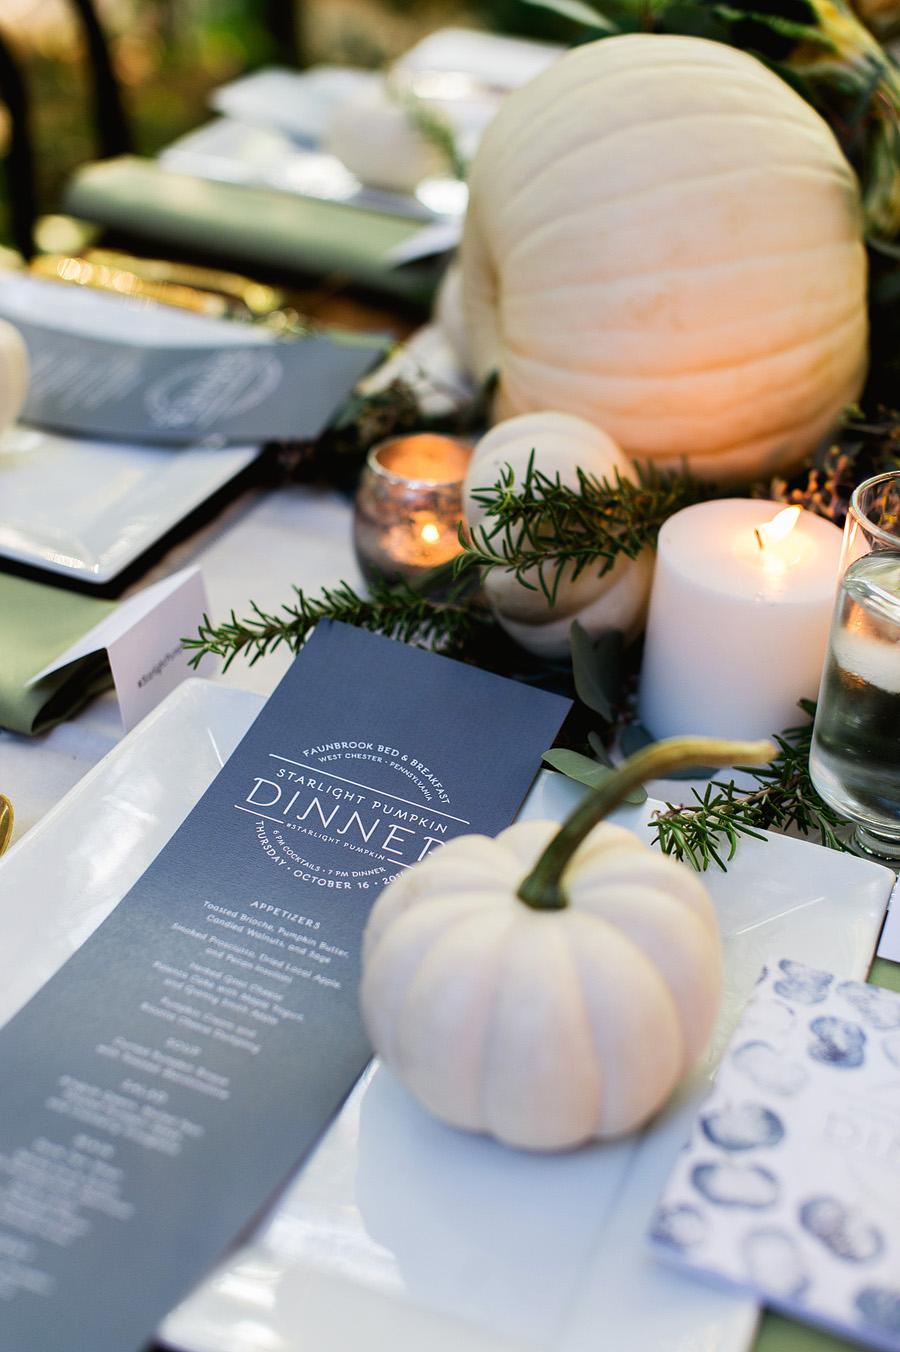 West-Chester-PA-Faunbrook-Harvest-Dinner-Series-Pumpkin-AlexandraWhitney-11.jpg